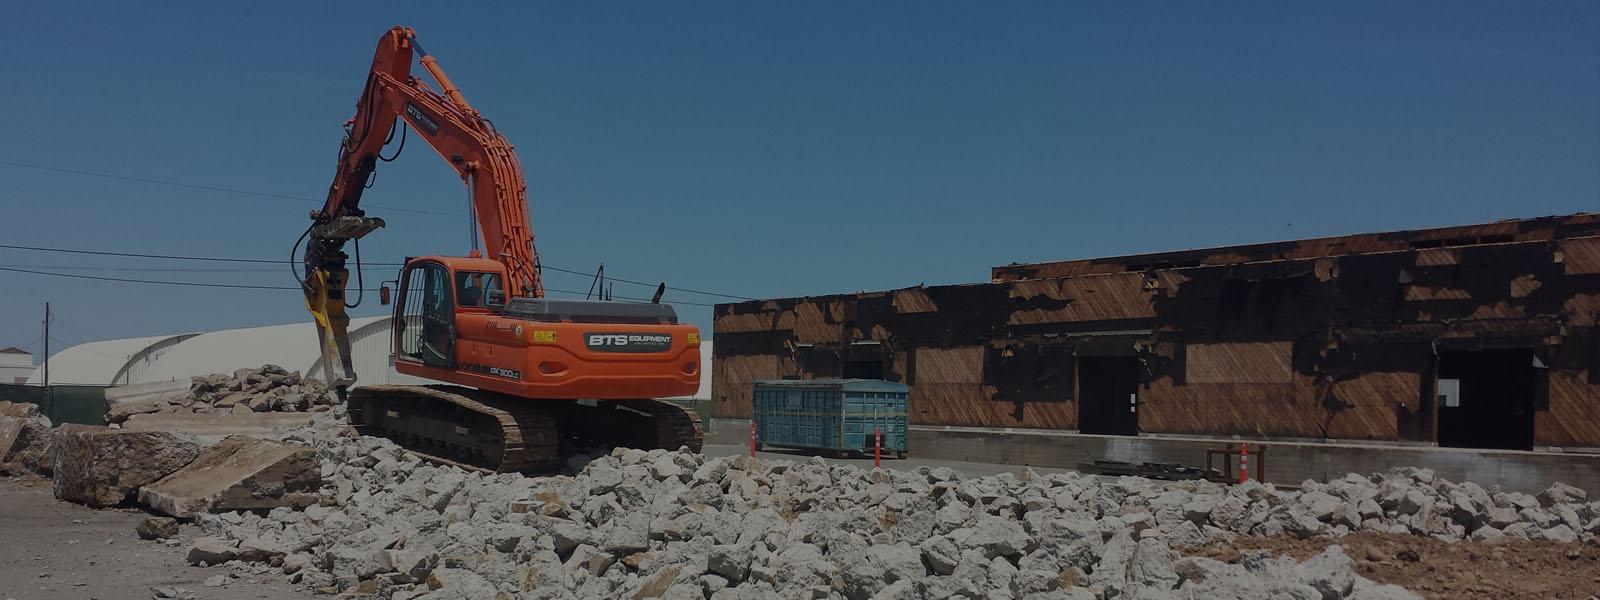 BTS Equipment Unlimited Inc.    A San Diego Demolition & Concrete ...